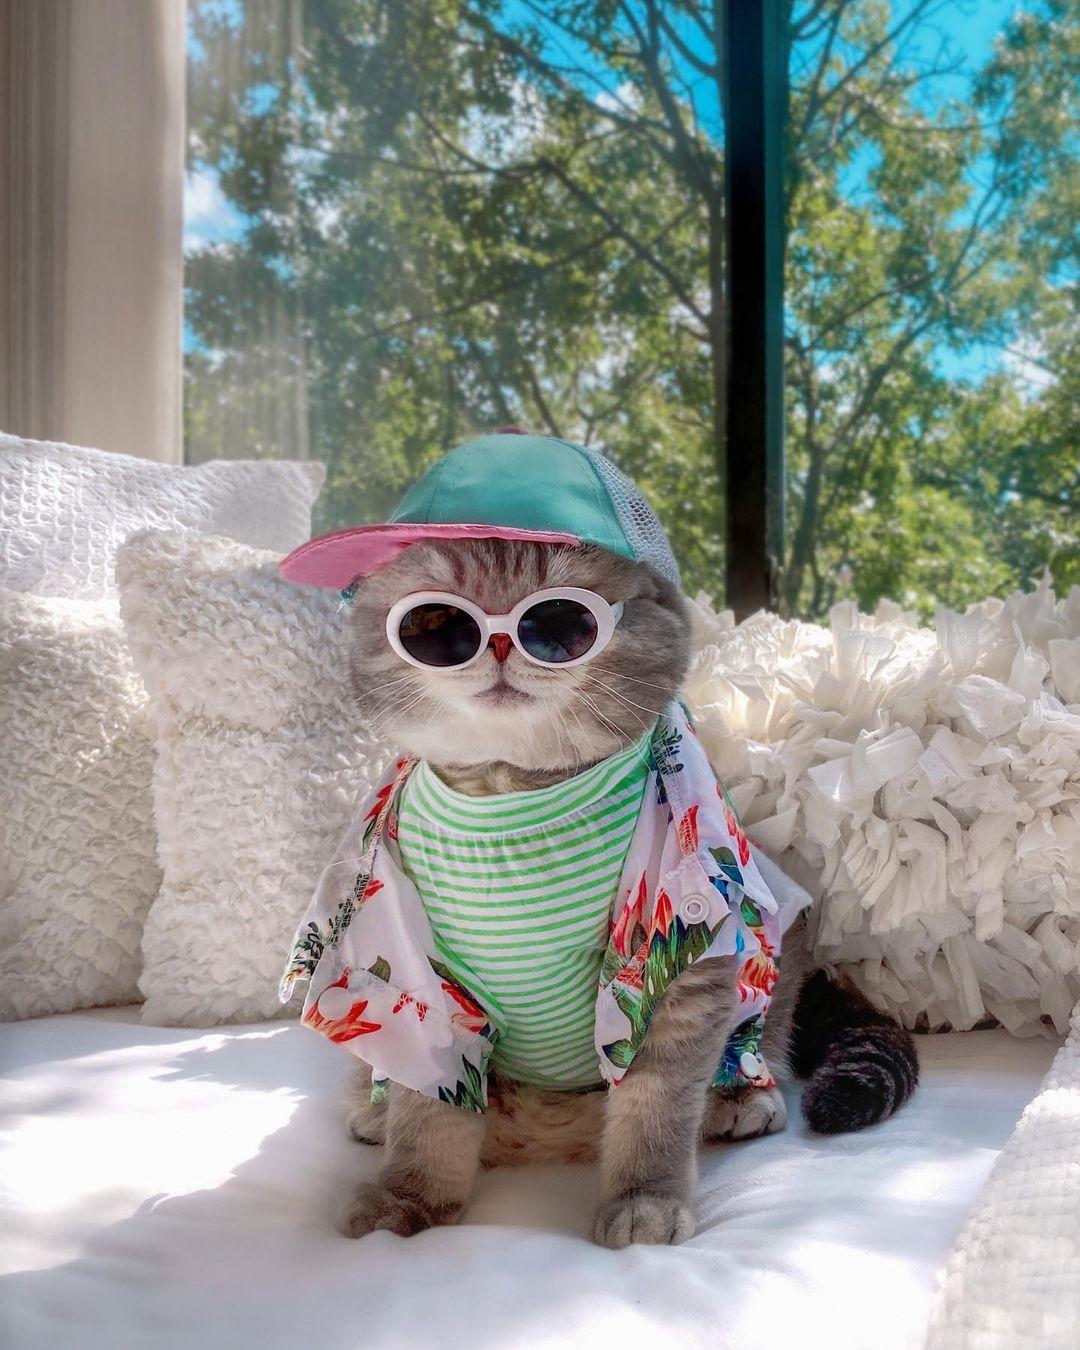 Thời trang đi biển của chú mèo UAE rất bắt mắt và mát mẻ.